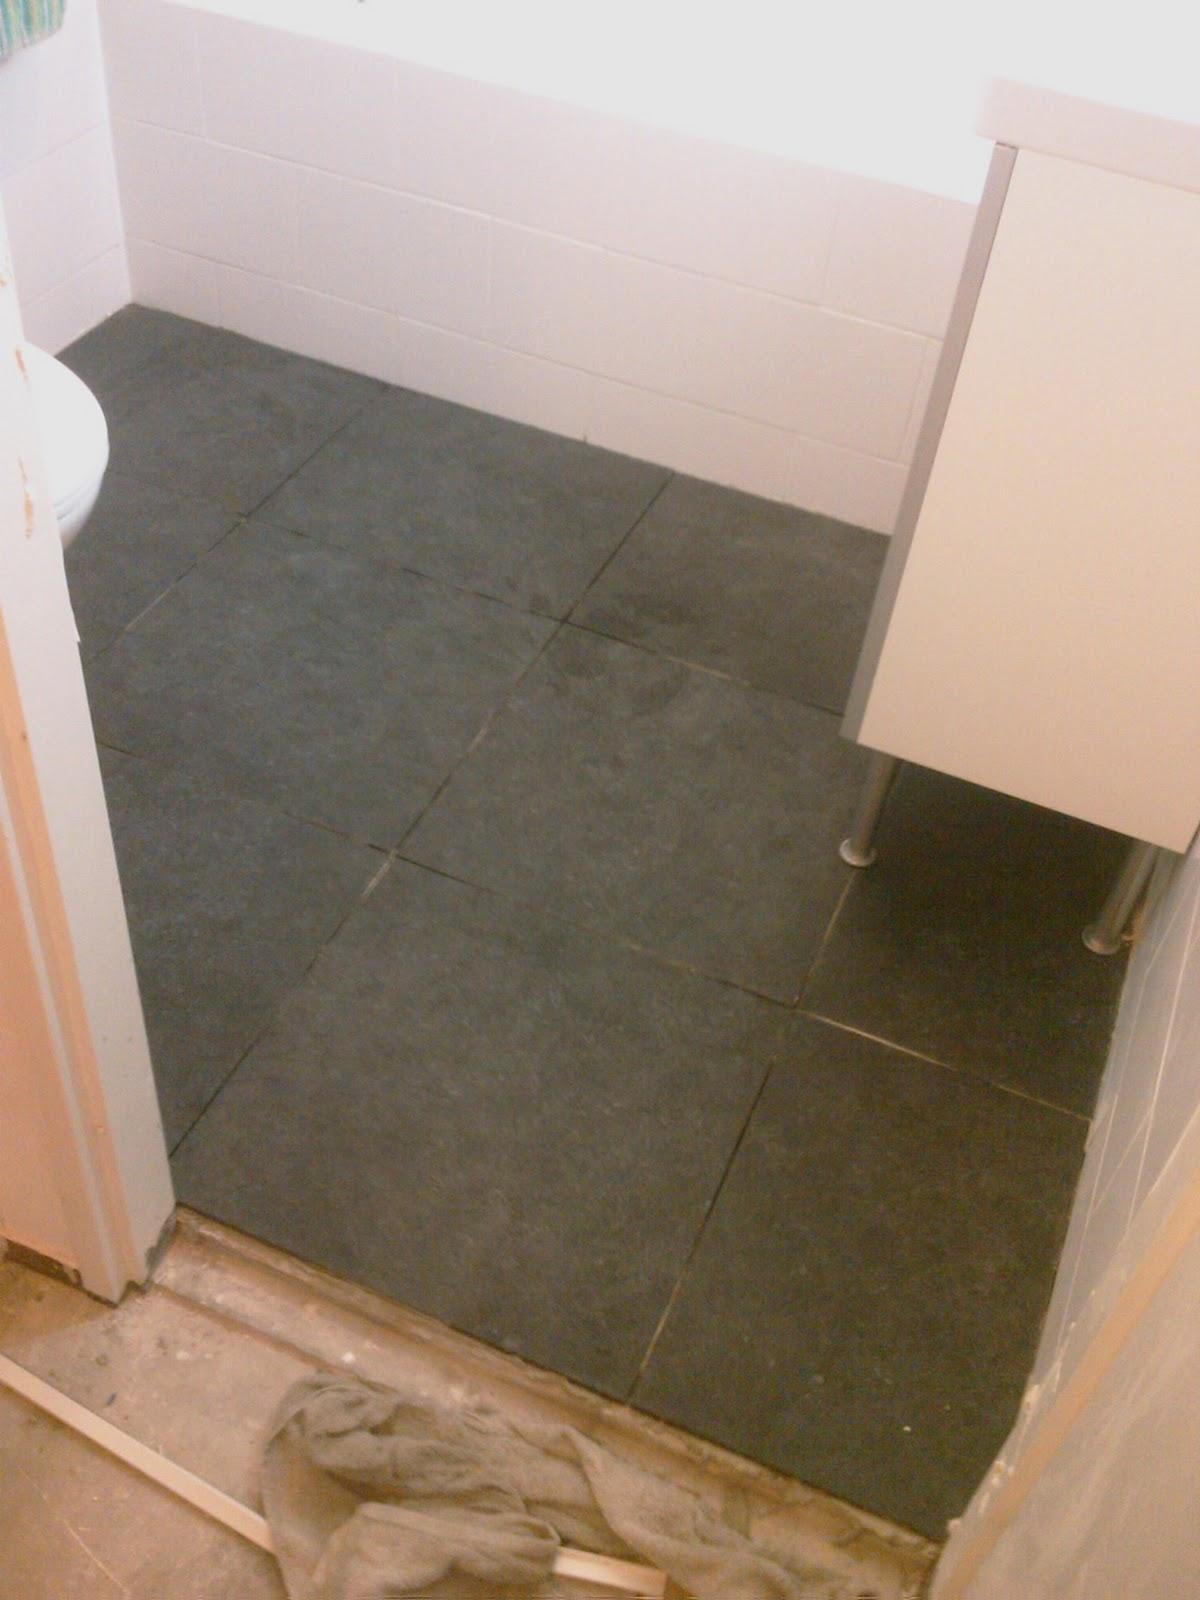 Zelf een badkamer maken for Badkamer zelf maken